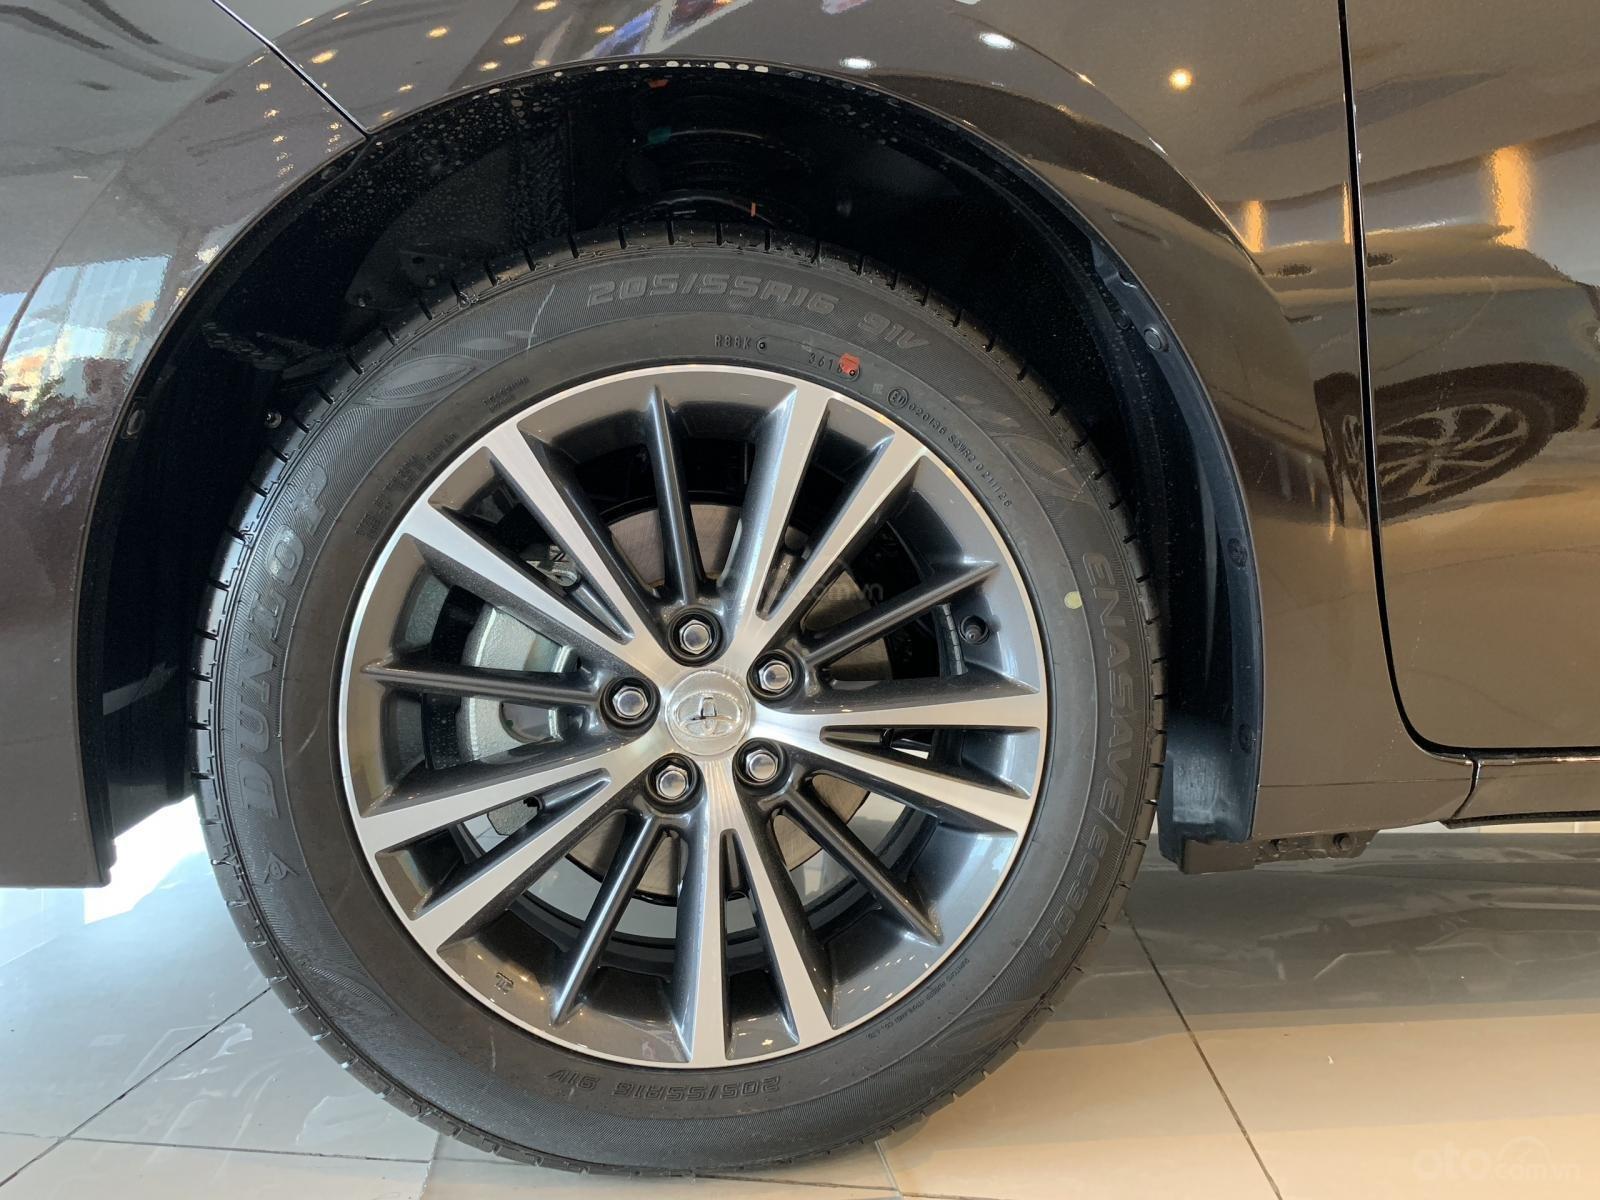 Đánh giá xe Toyota Corolla Altis 2019: Bộ mâm đa chấu 16 inch 1